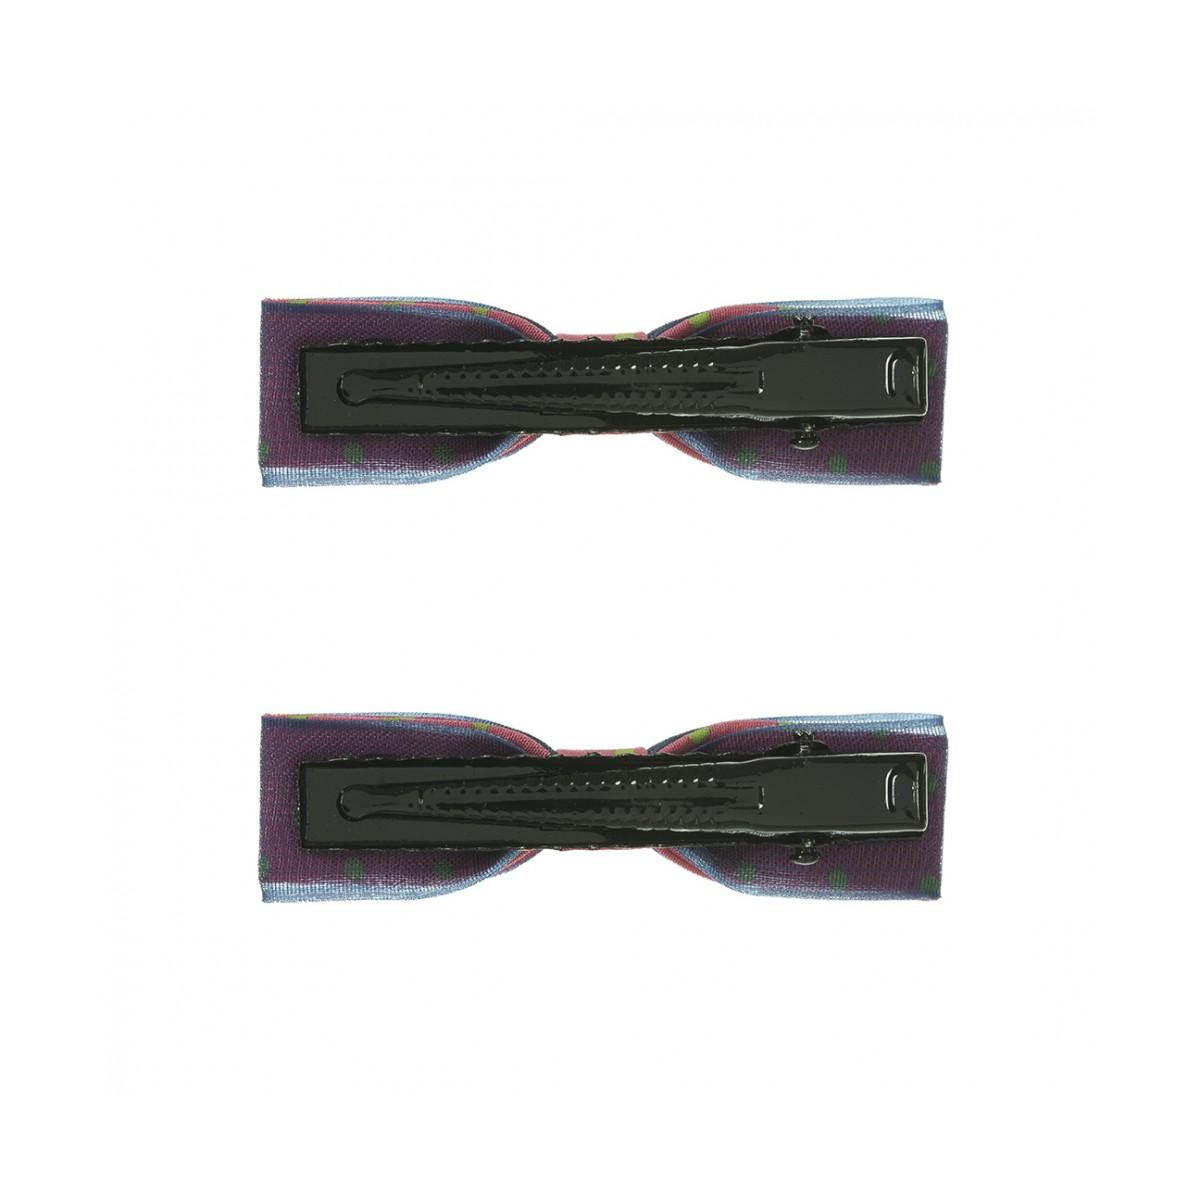 Spinka do włosów 130276-7 (2szt)